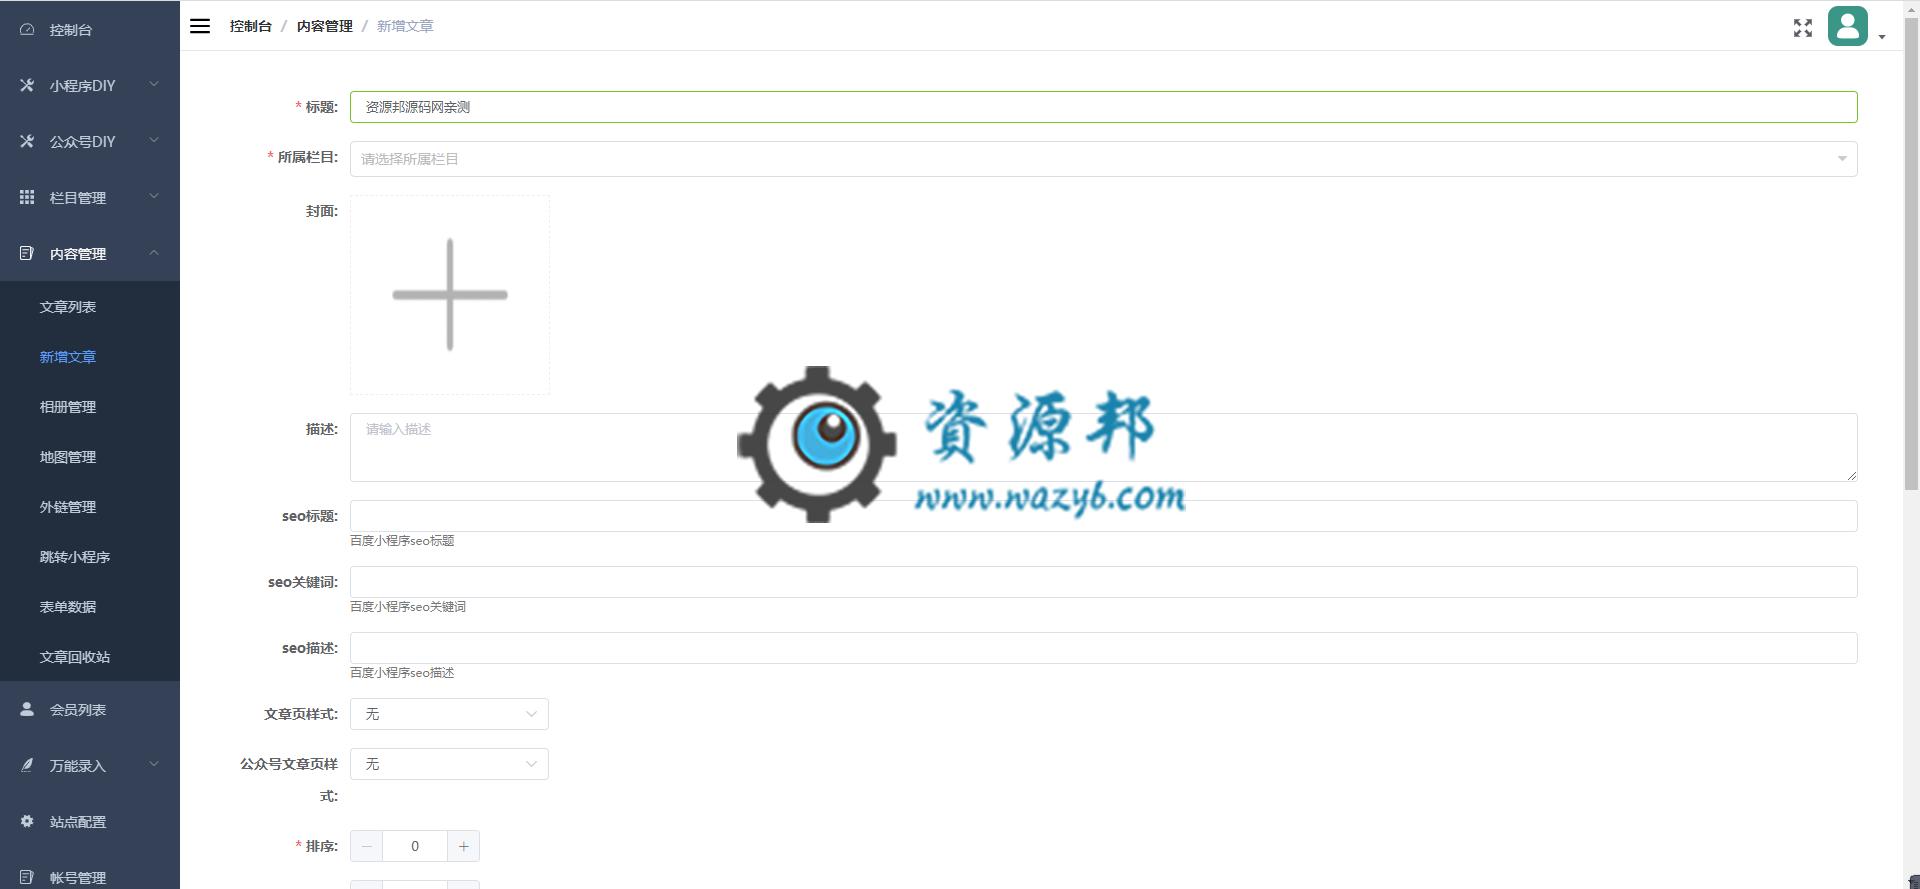 【永久会员专享】智能diy官网小程序源码包更新【更新至V1.0.29】 第6张